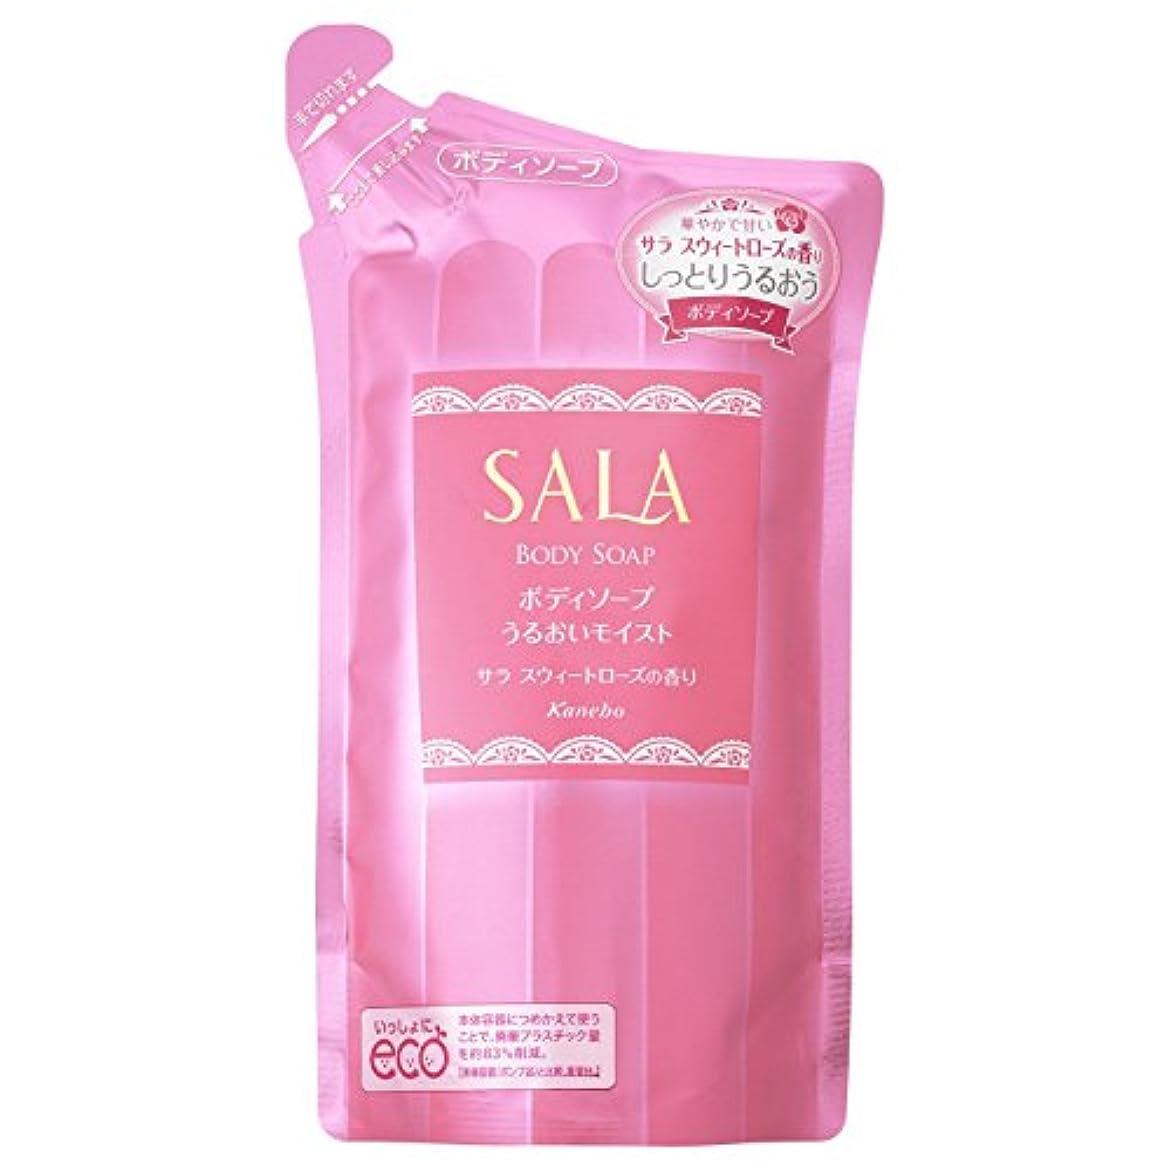 イヤホンそんなに没頭するサラ ボディソープ うるおいモイスト つめかえ用 サラスウィートローズの香り